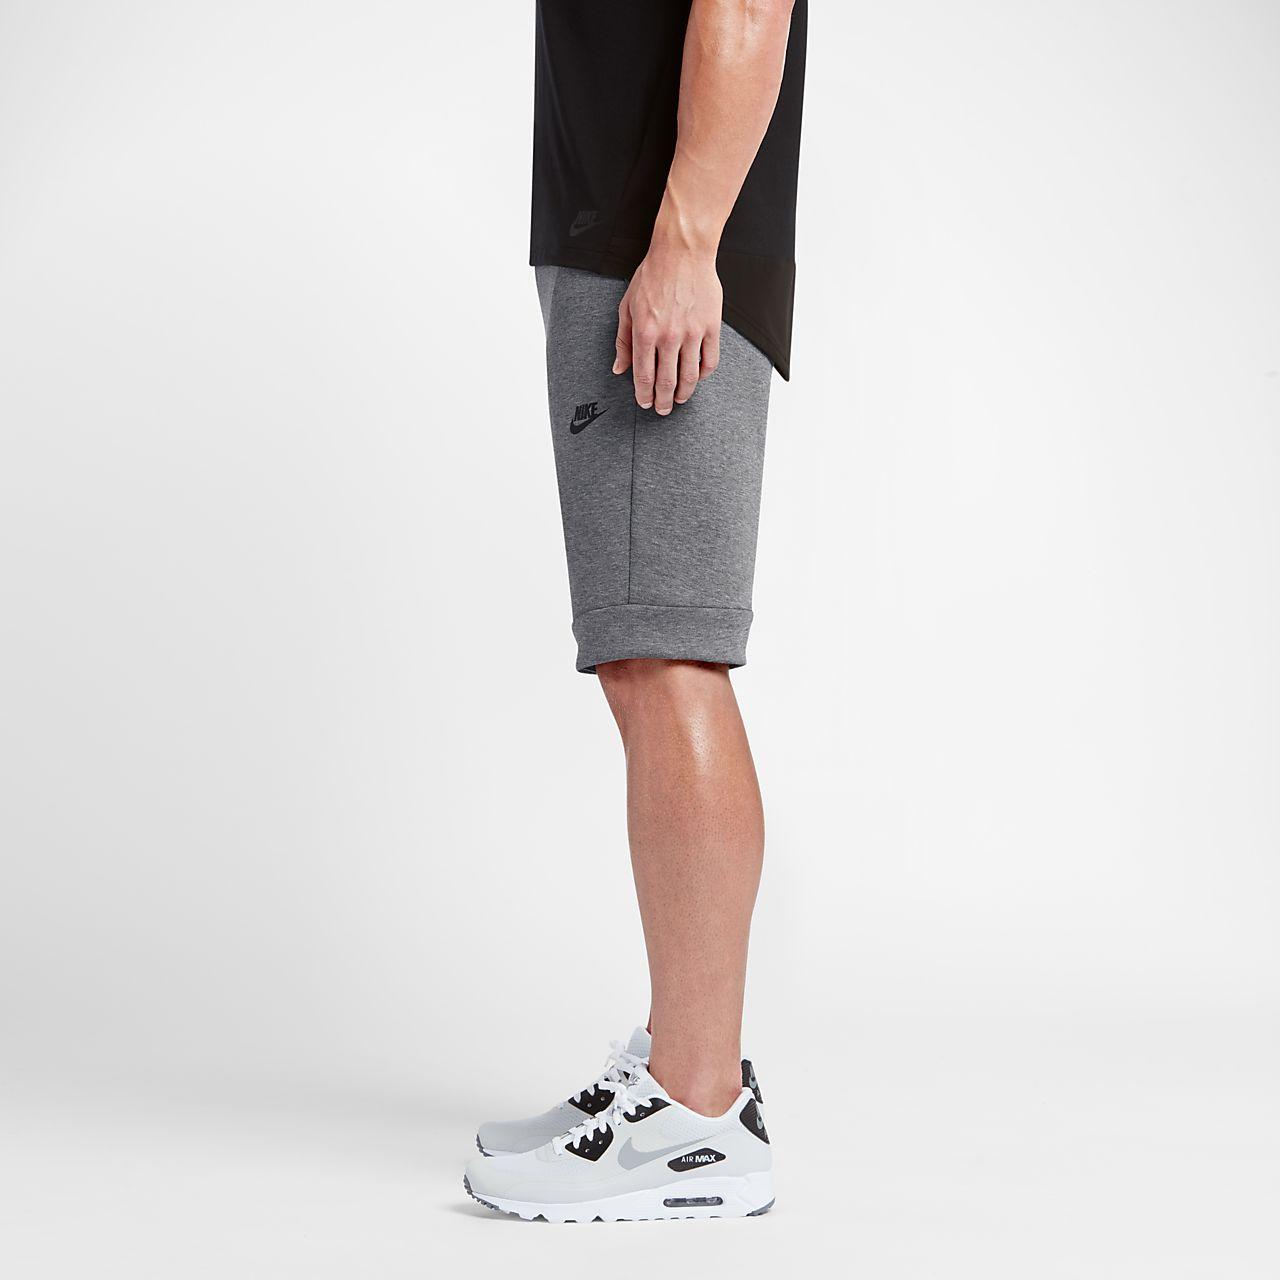 ... Nike Sportswear Tech Fleece Men's Shorts